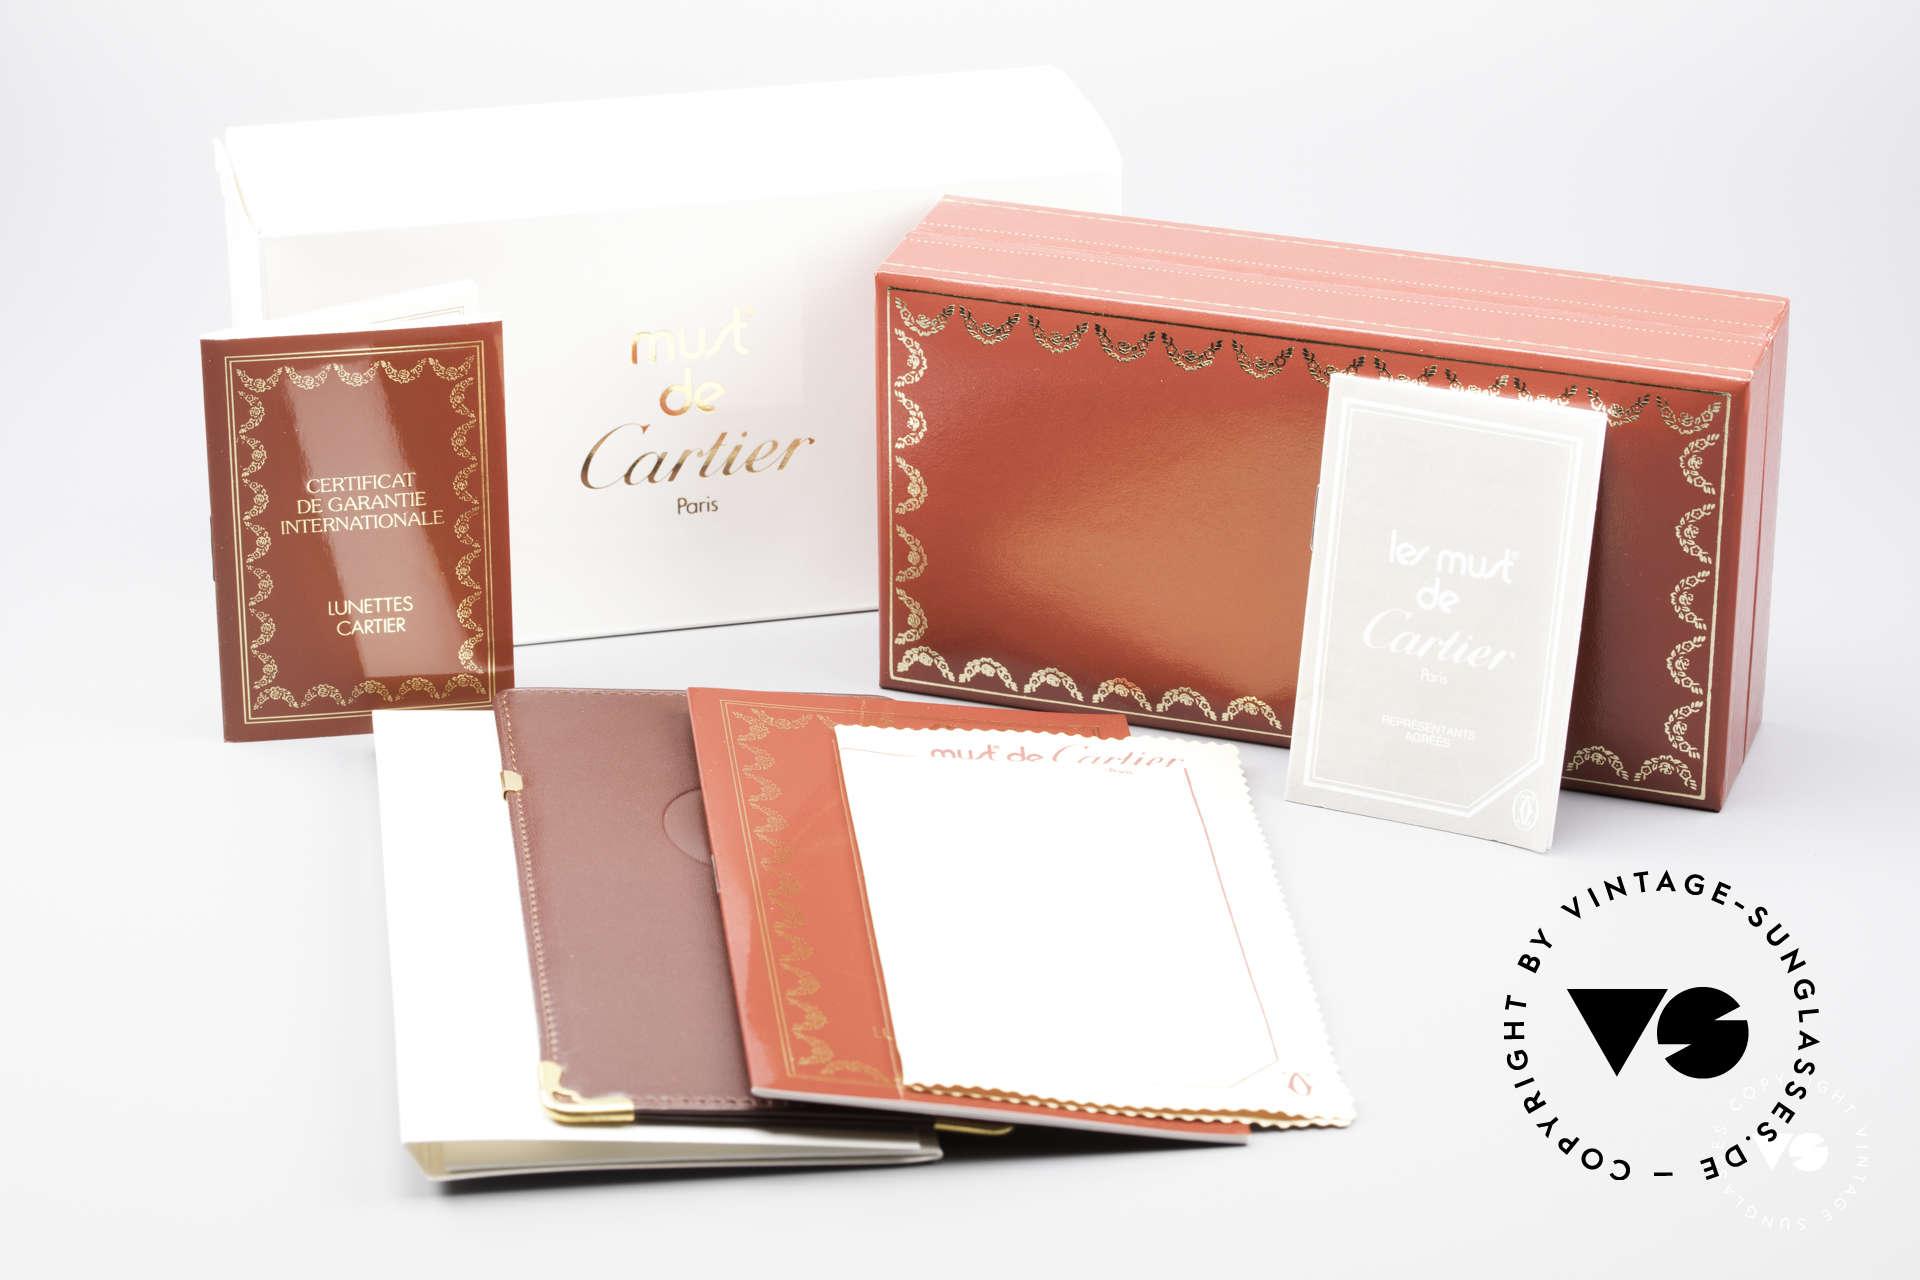 Atemberaubend Cartier Brillenrahmen Fotos - Benutzerdefinierte ...